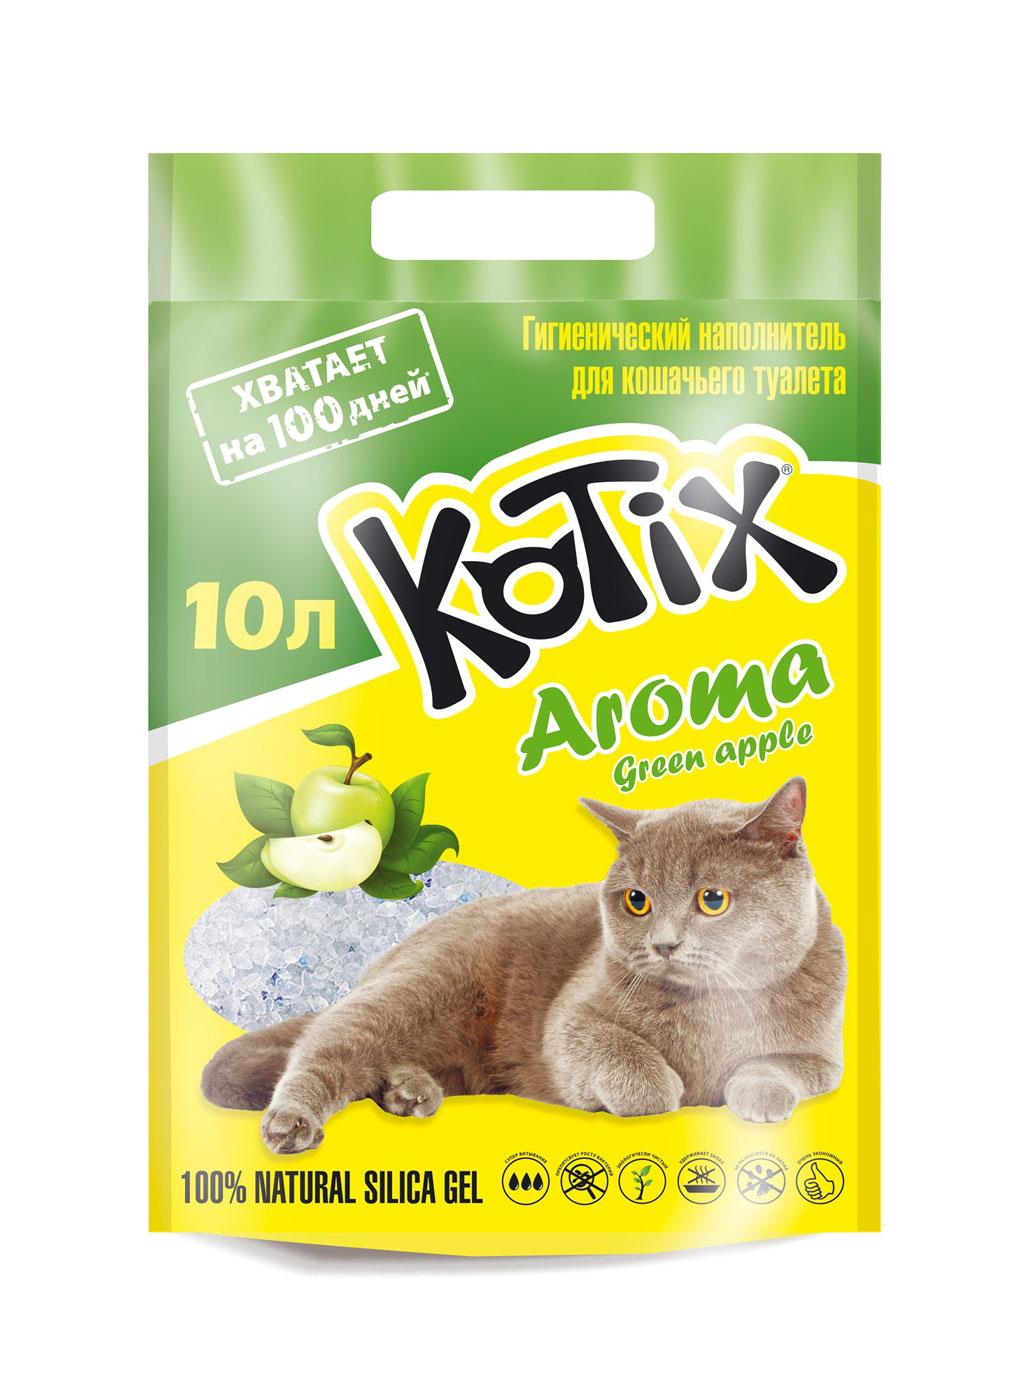 Kotix Green Apple – силікагелевий наповнювач для котячого туалету з ароматом яблука